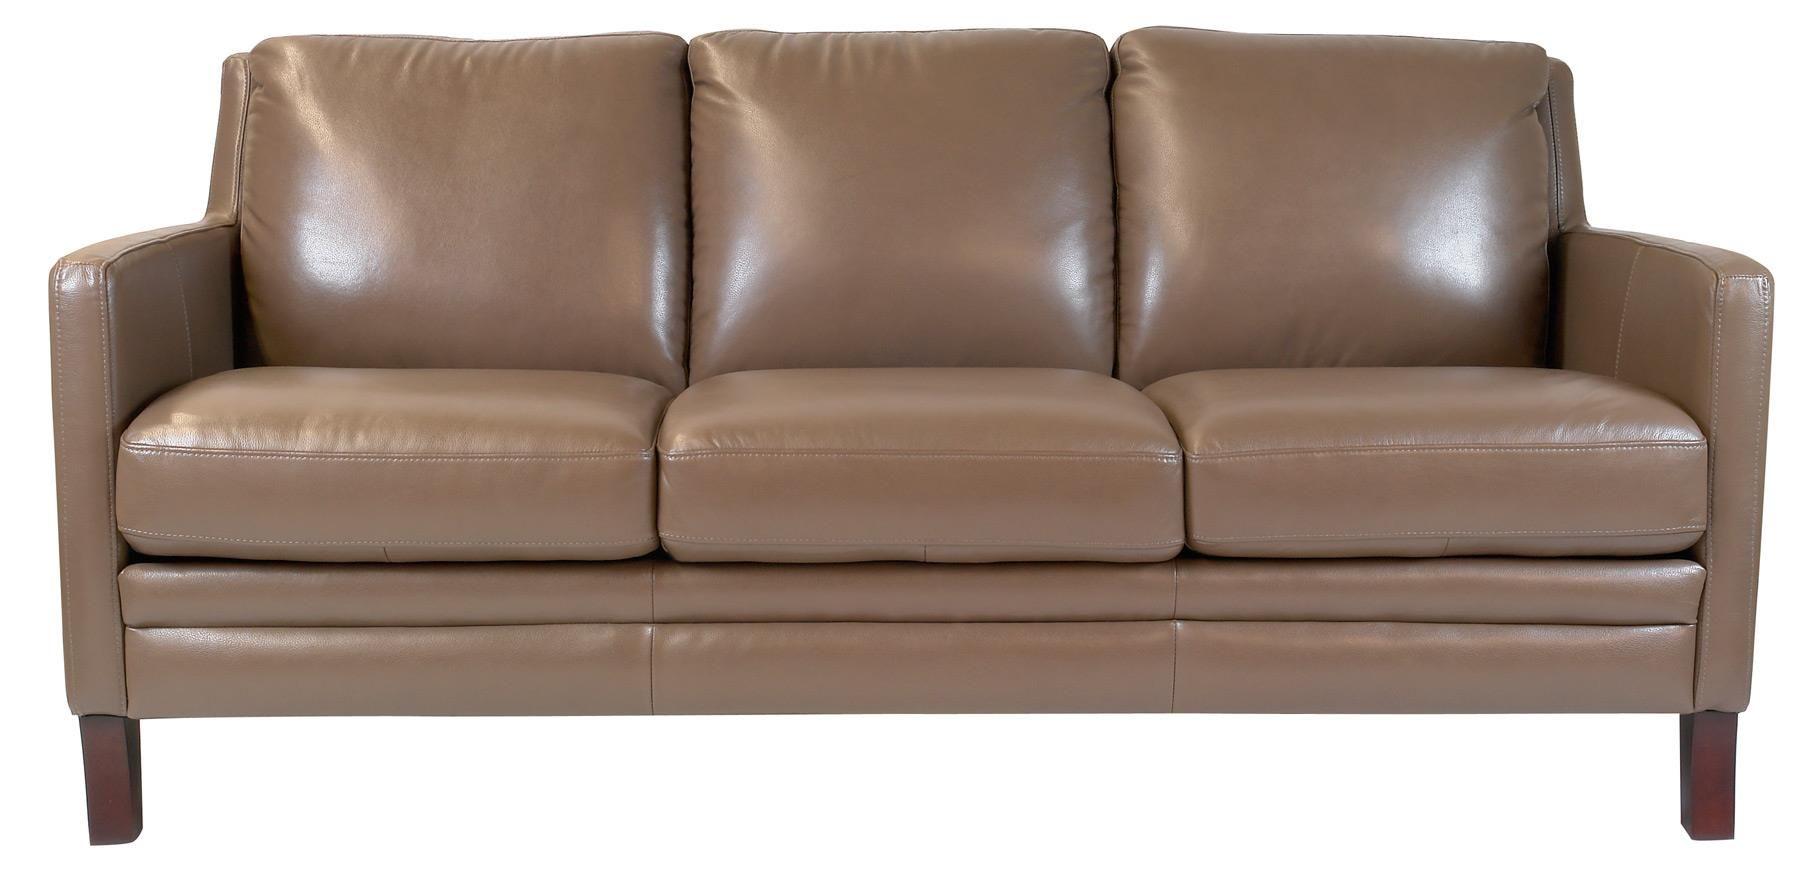 - Maxim Sofa By Futura Leather At HomeWorld Furniture Sofa